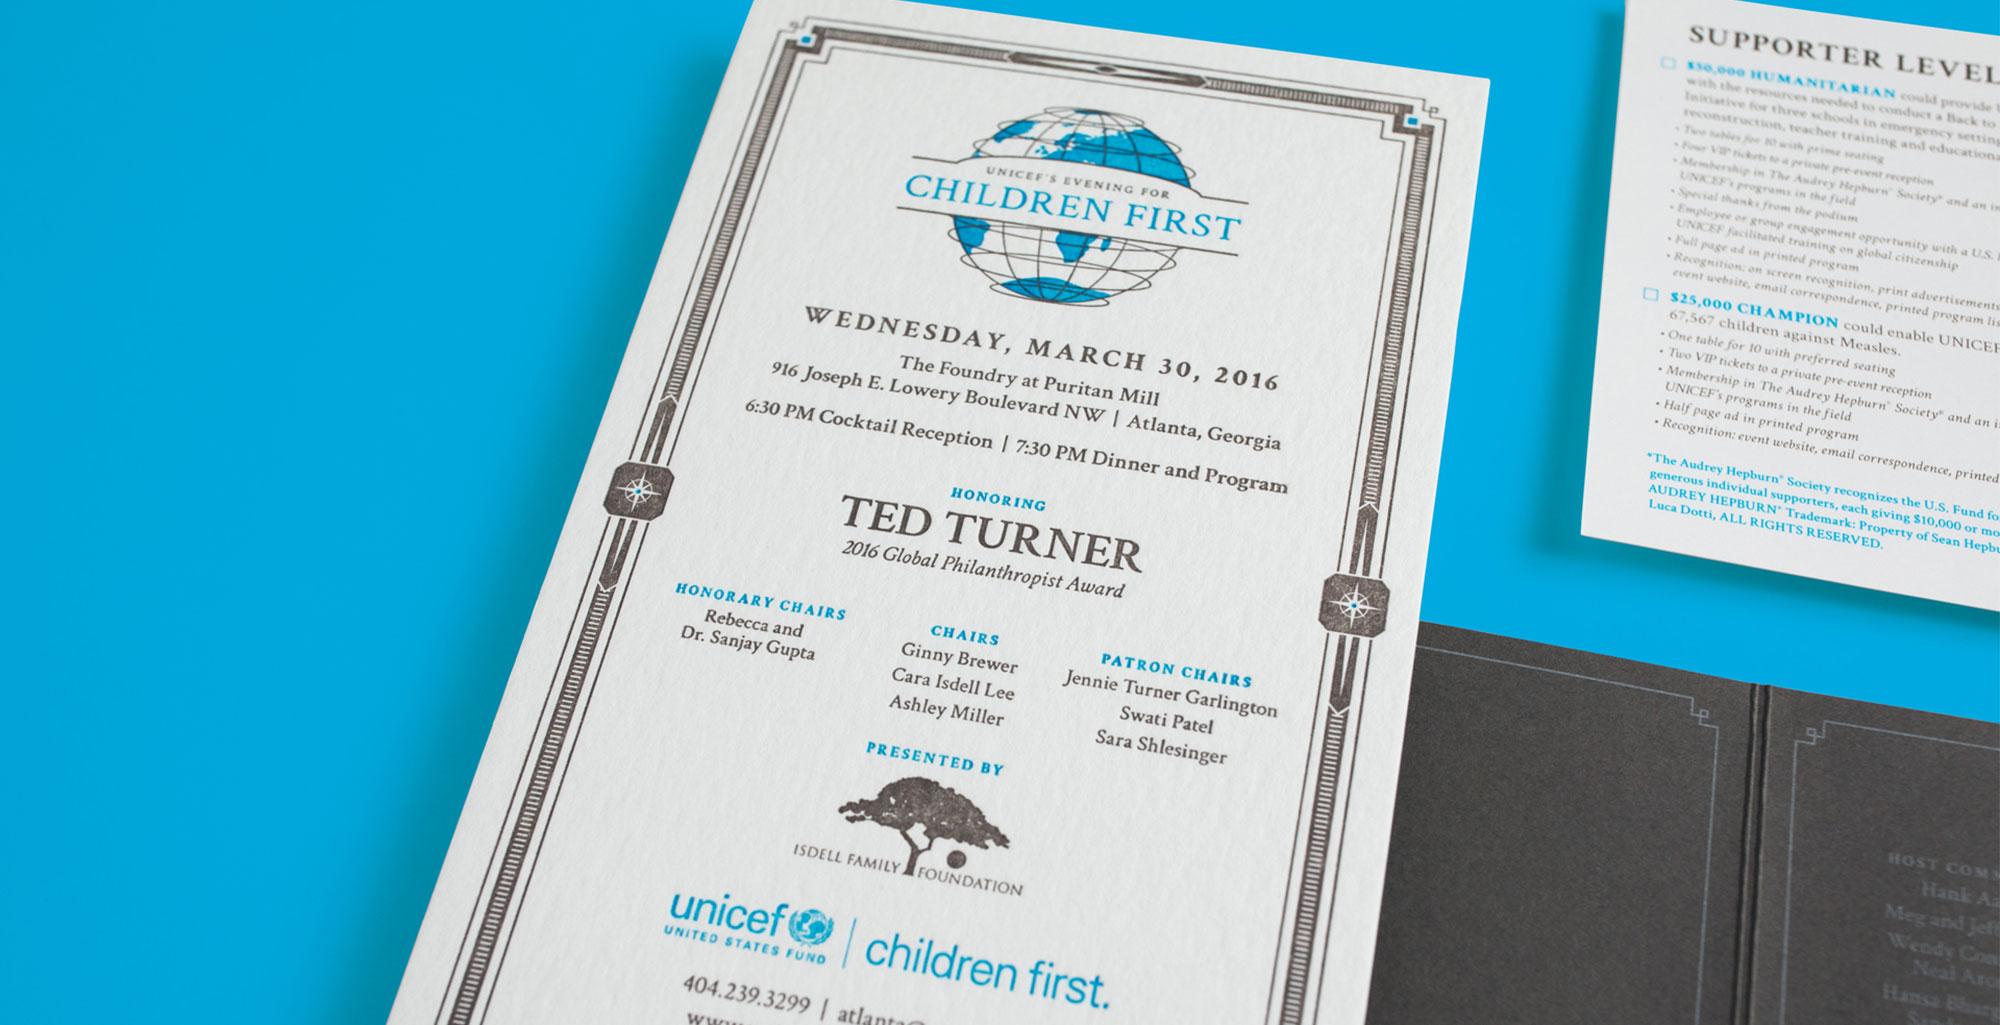 UNICEF Event Design